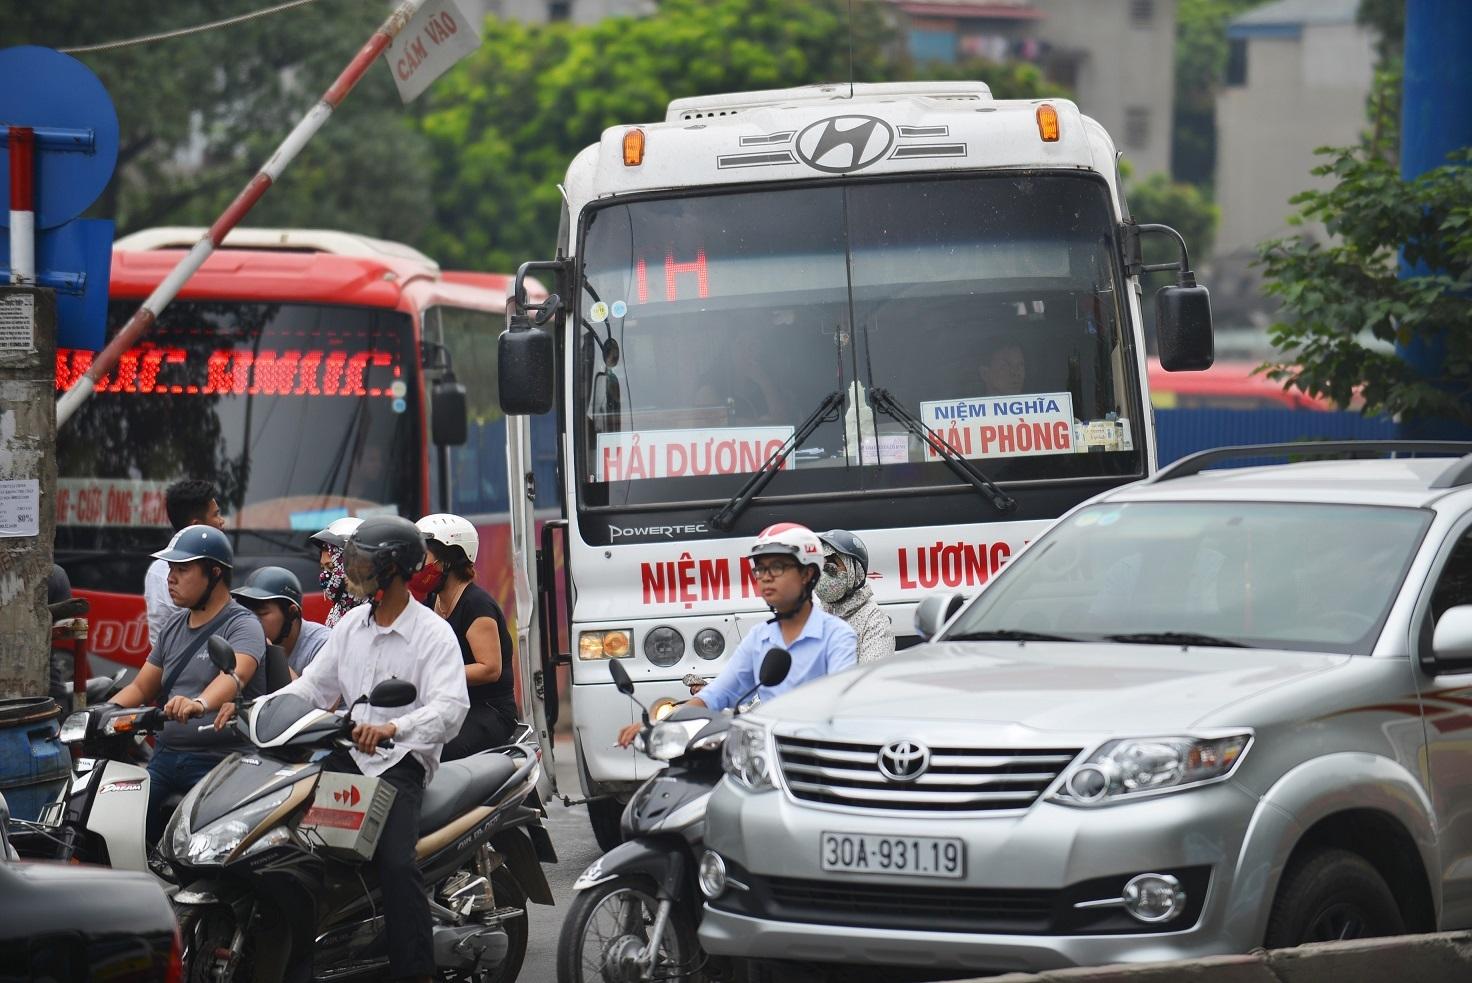 Hà Nội chính thức đóng cửa bến xe Lương Yên sau nhiều năm hoạt động tạm